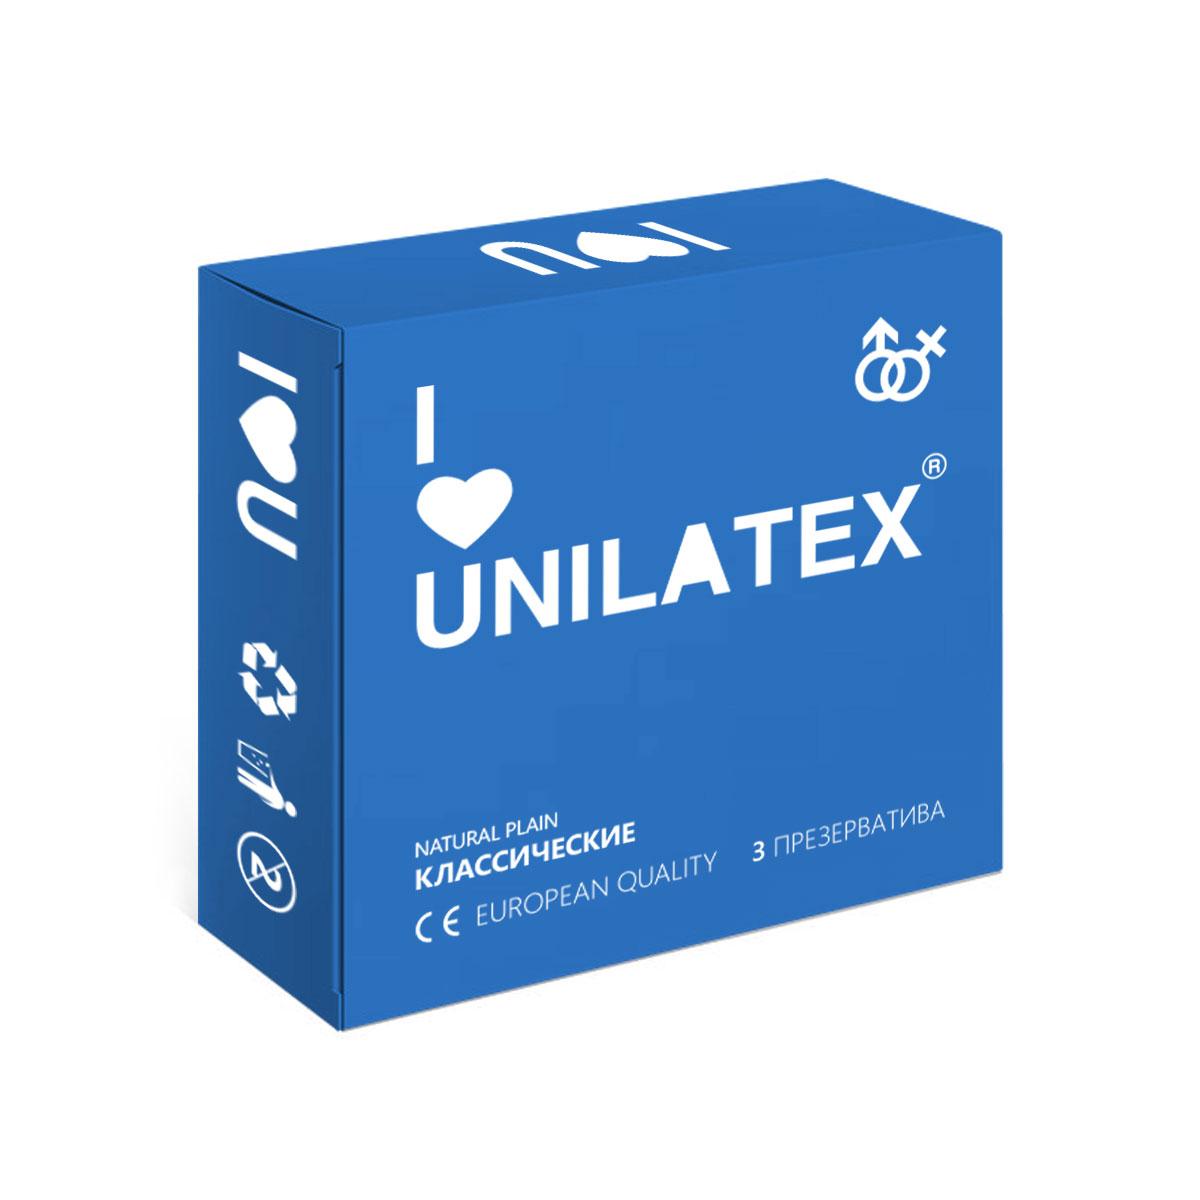 Презервативы Unilatex Natural Plain, 3 штSatin Hair 7 BR730MNКлассические презервативы из натурального латекса телесного цвета, гладкой поверхностью, покрыты силиконовой смазкой с нейтральным ароматом.